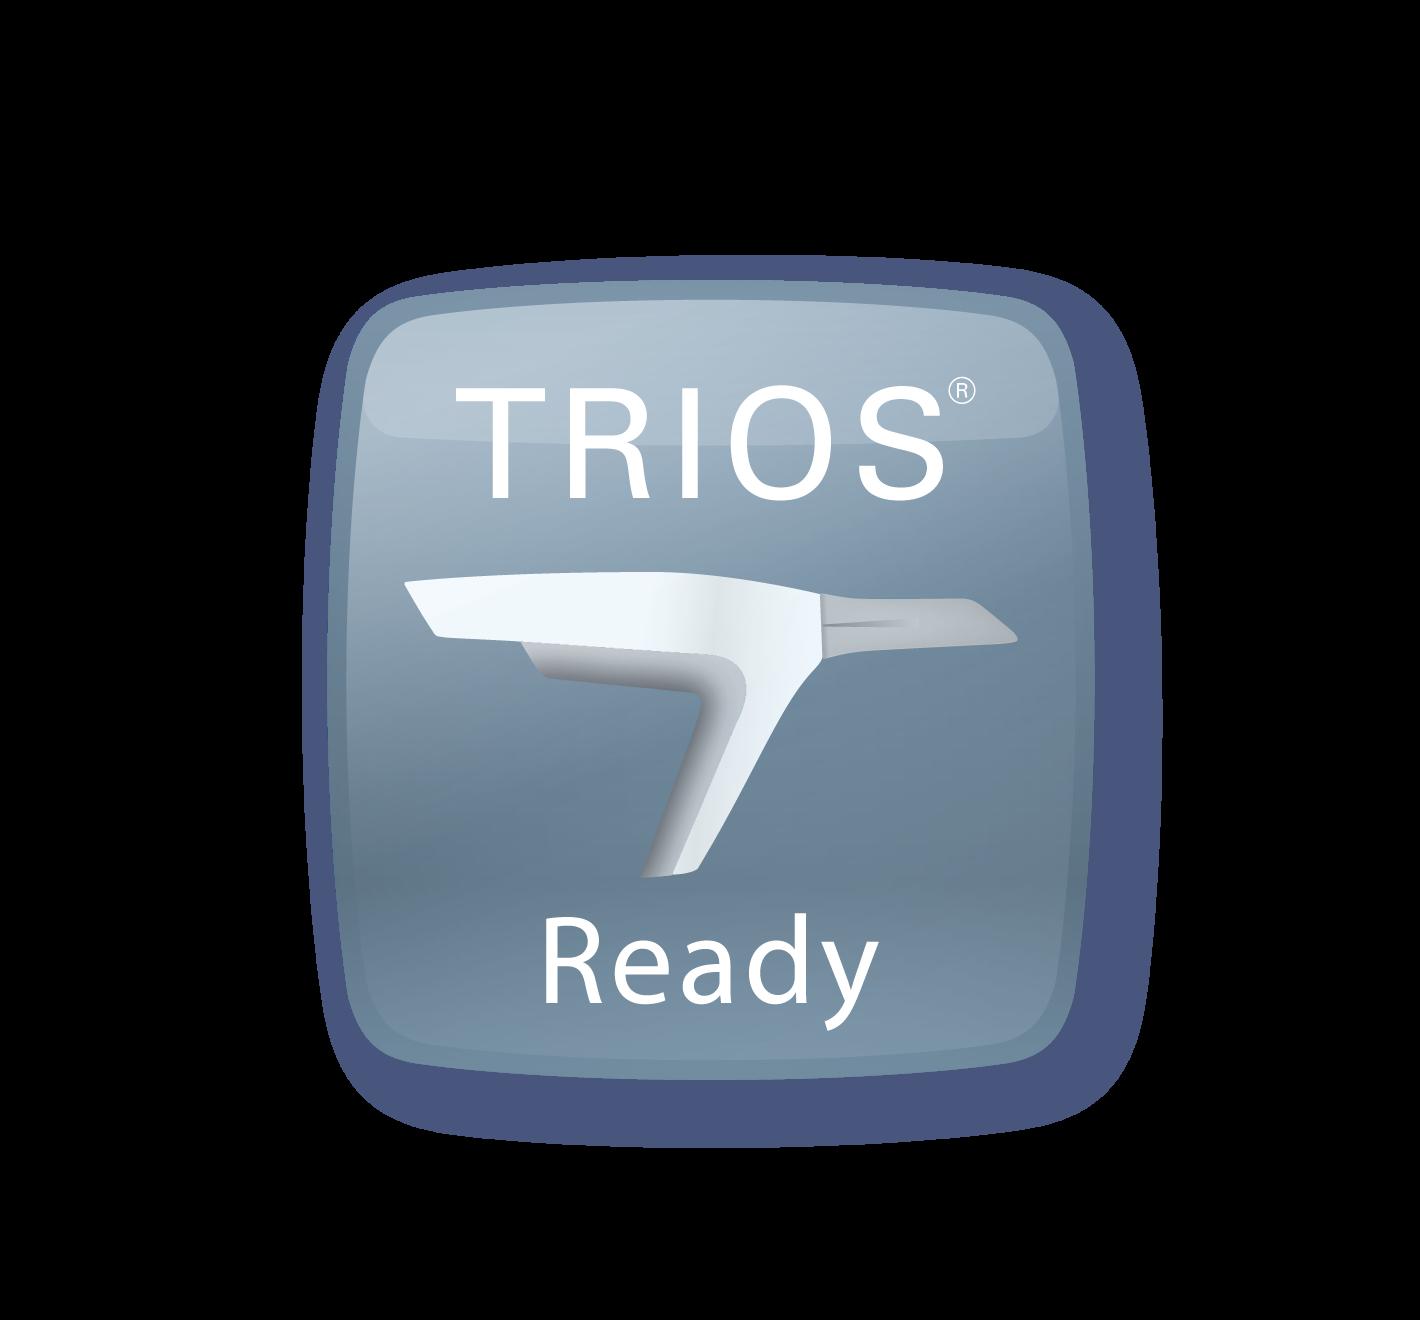 TRIOS-Ready-Logo